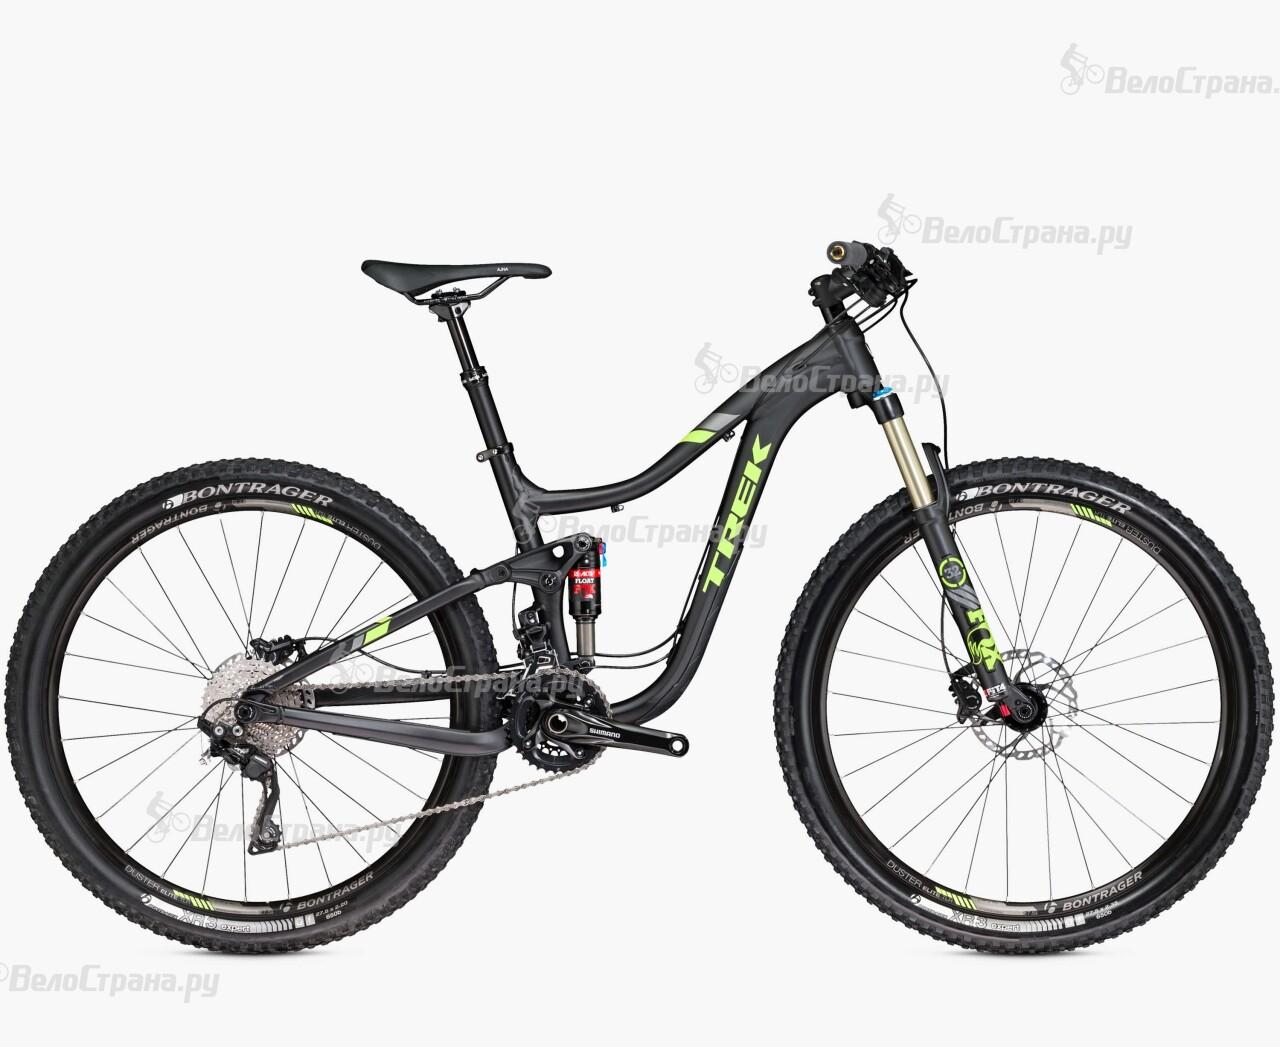 Велосипед Trek Lush SL 27.5 Women's (2016) велосипед trek lush s 27 5 2015